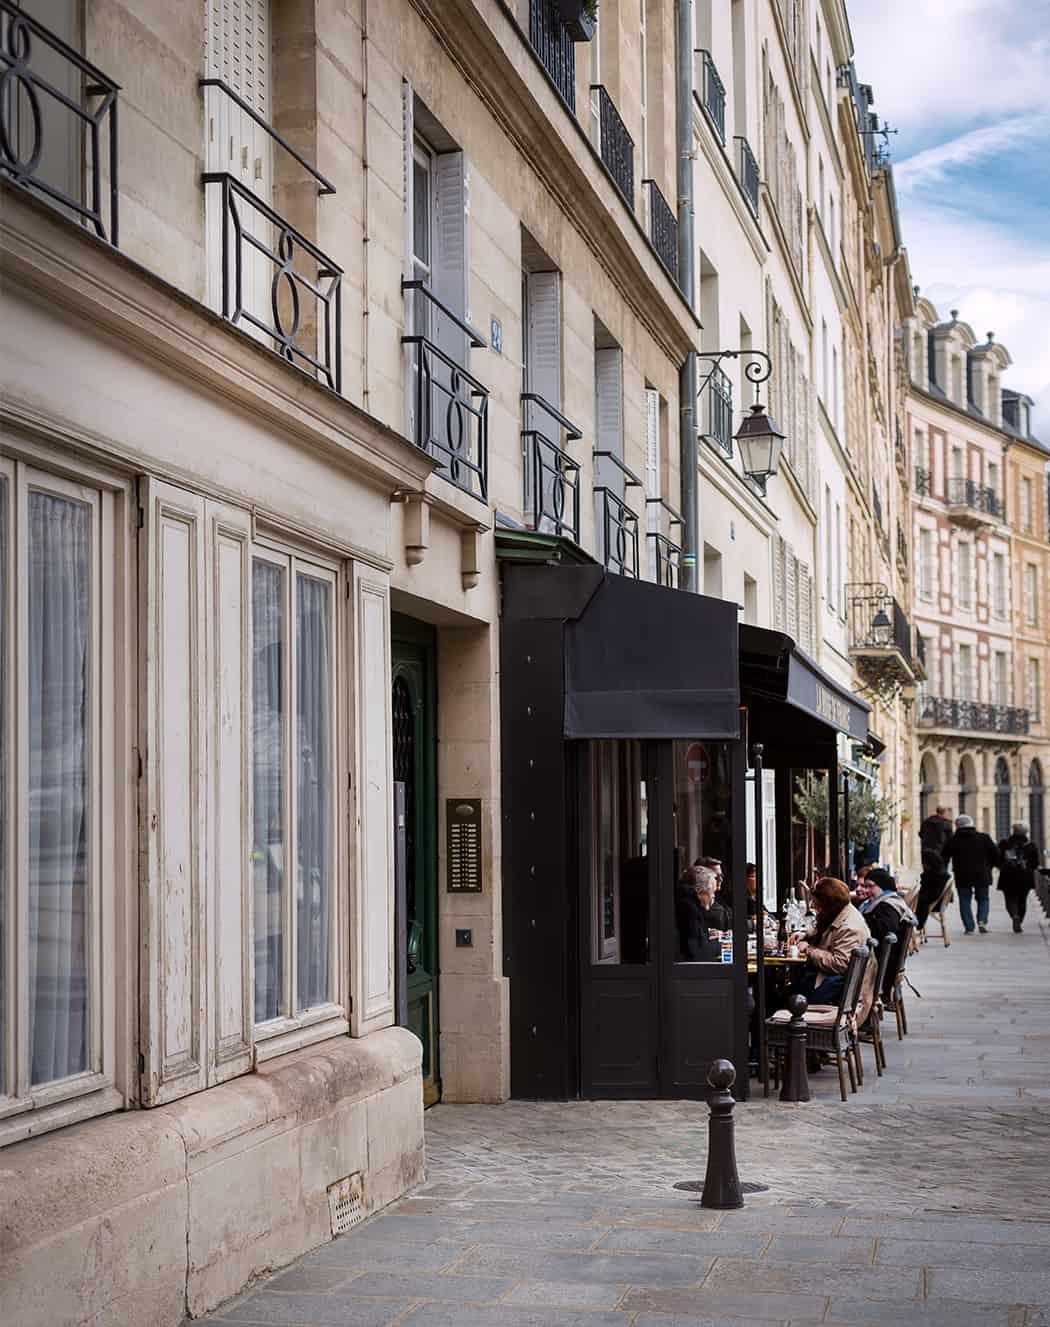 Parigi Place Dauphine i locali